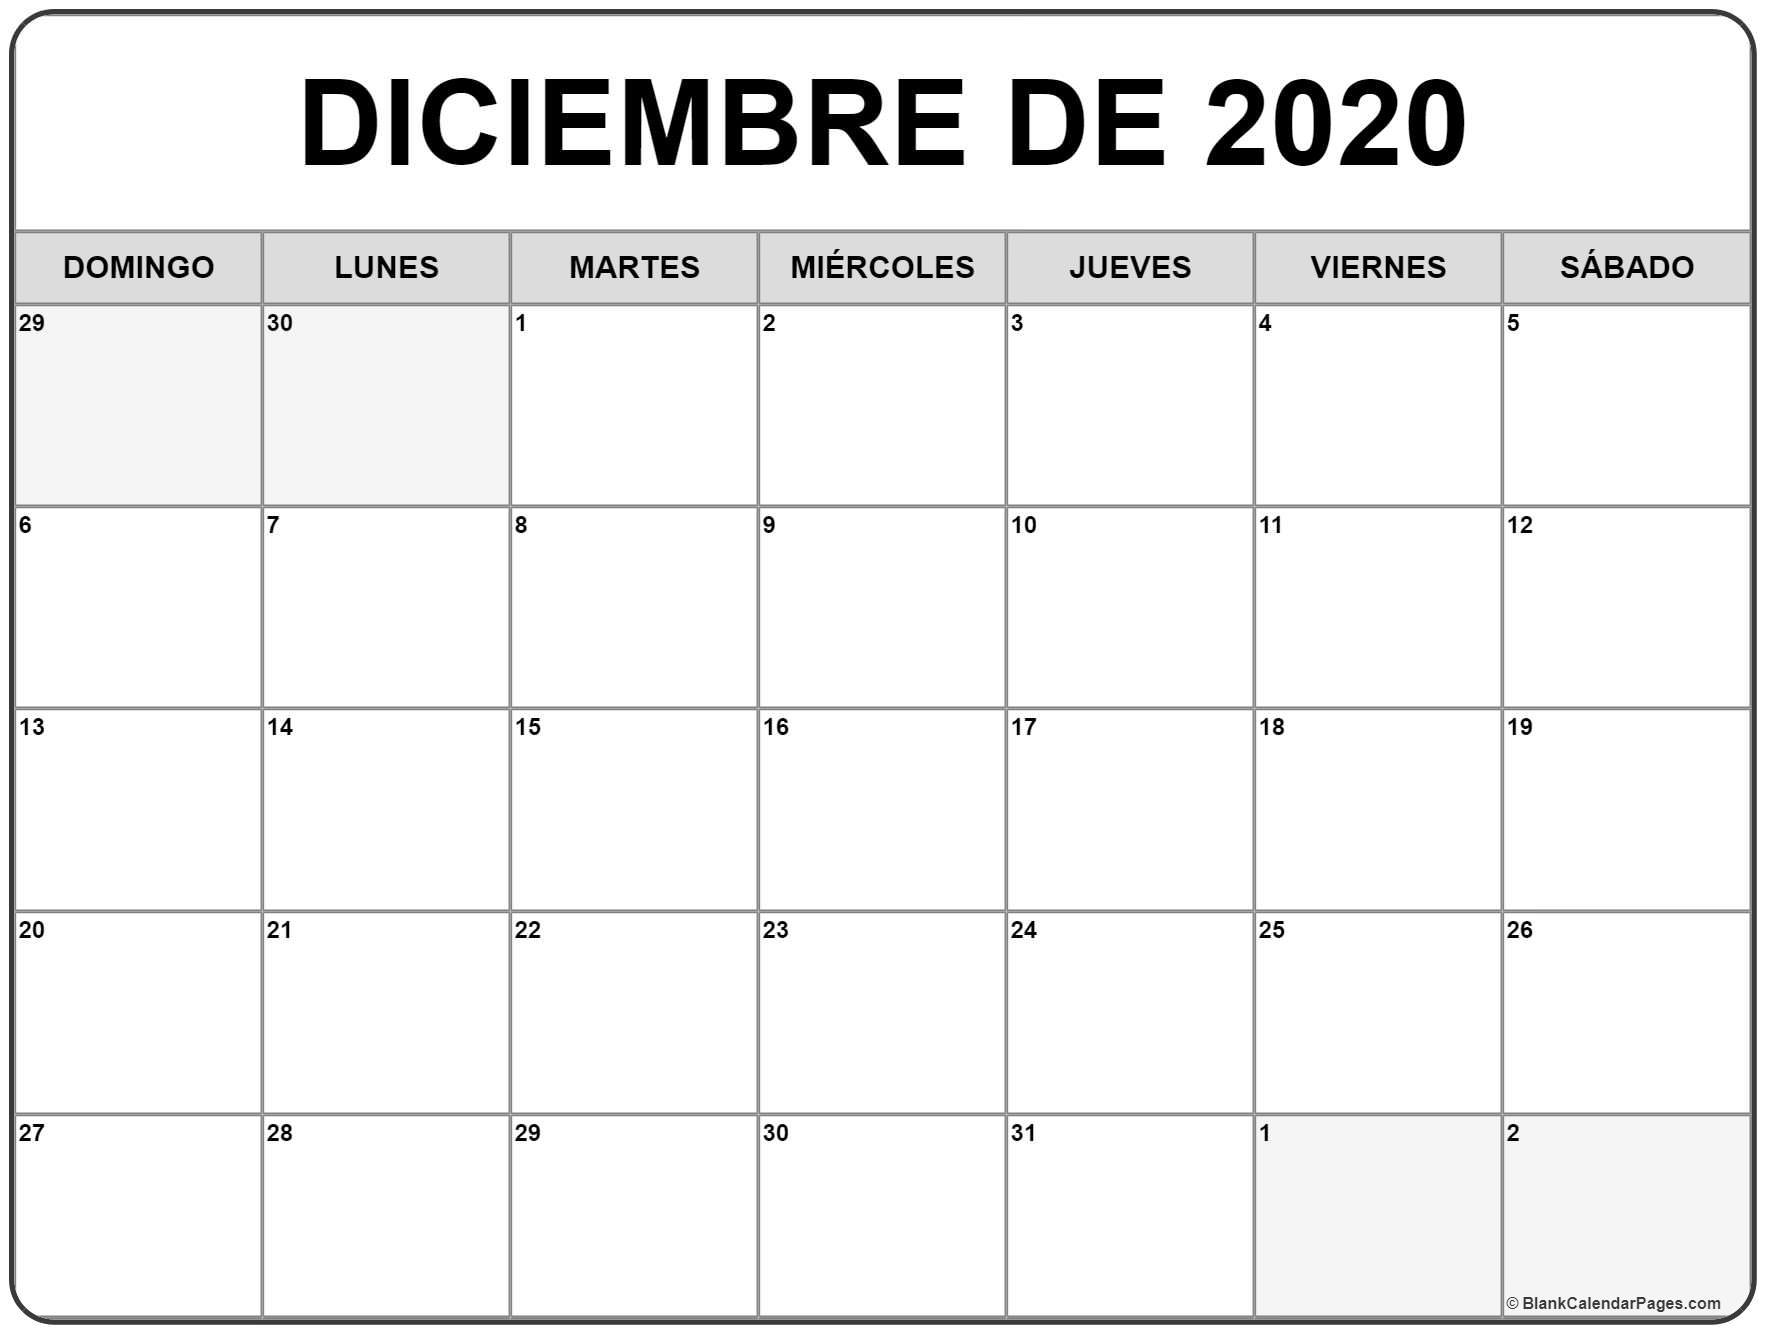 Calendario 2020 Diciembre - Calendario 2019